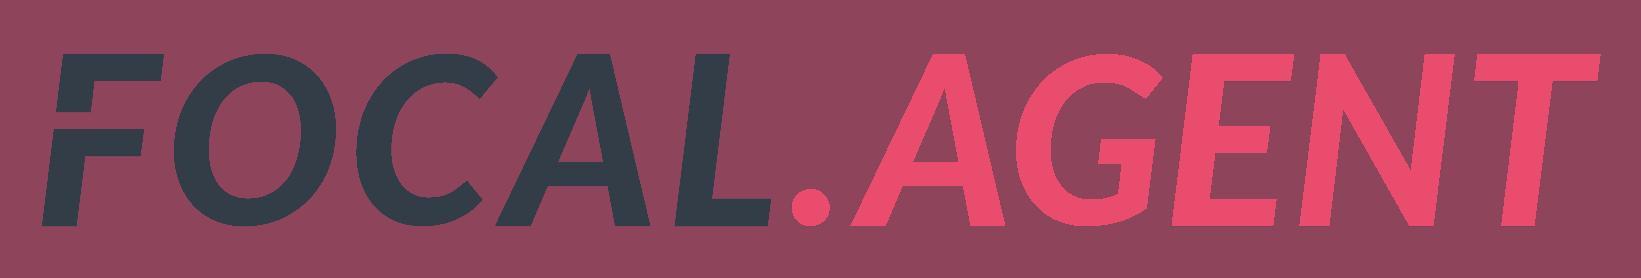 focalagent logo